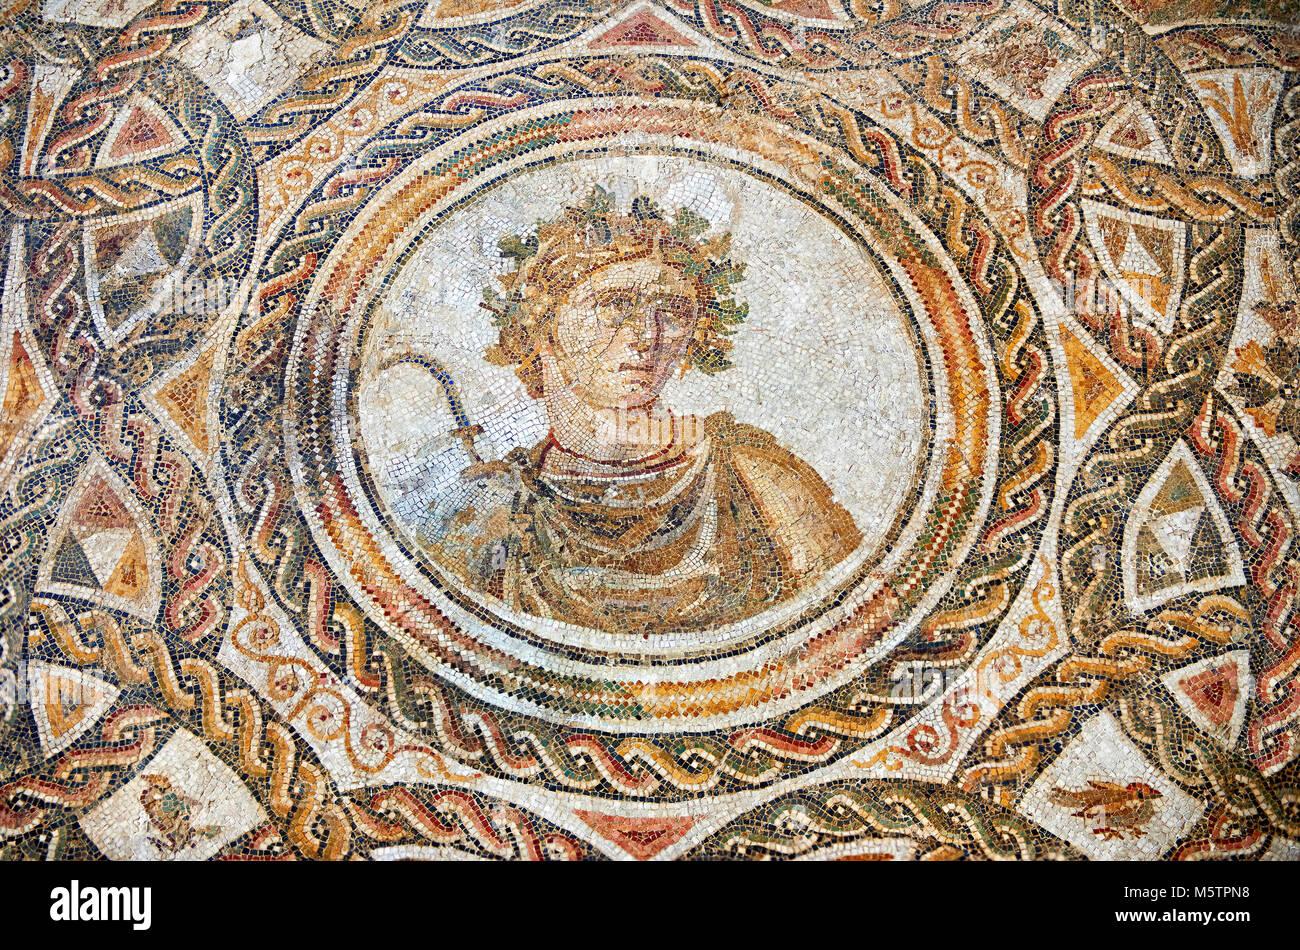 spätes römisches zeitalter stockfotos  spätes römisches